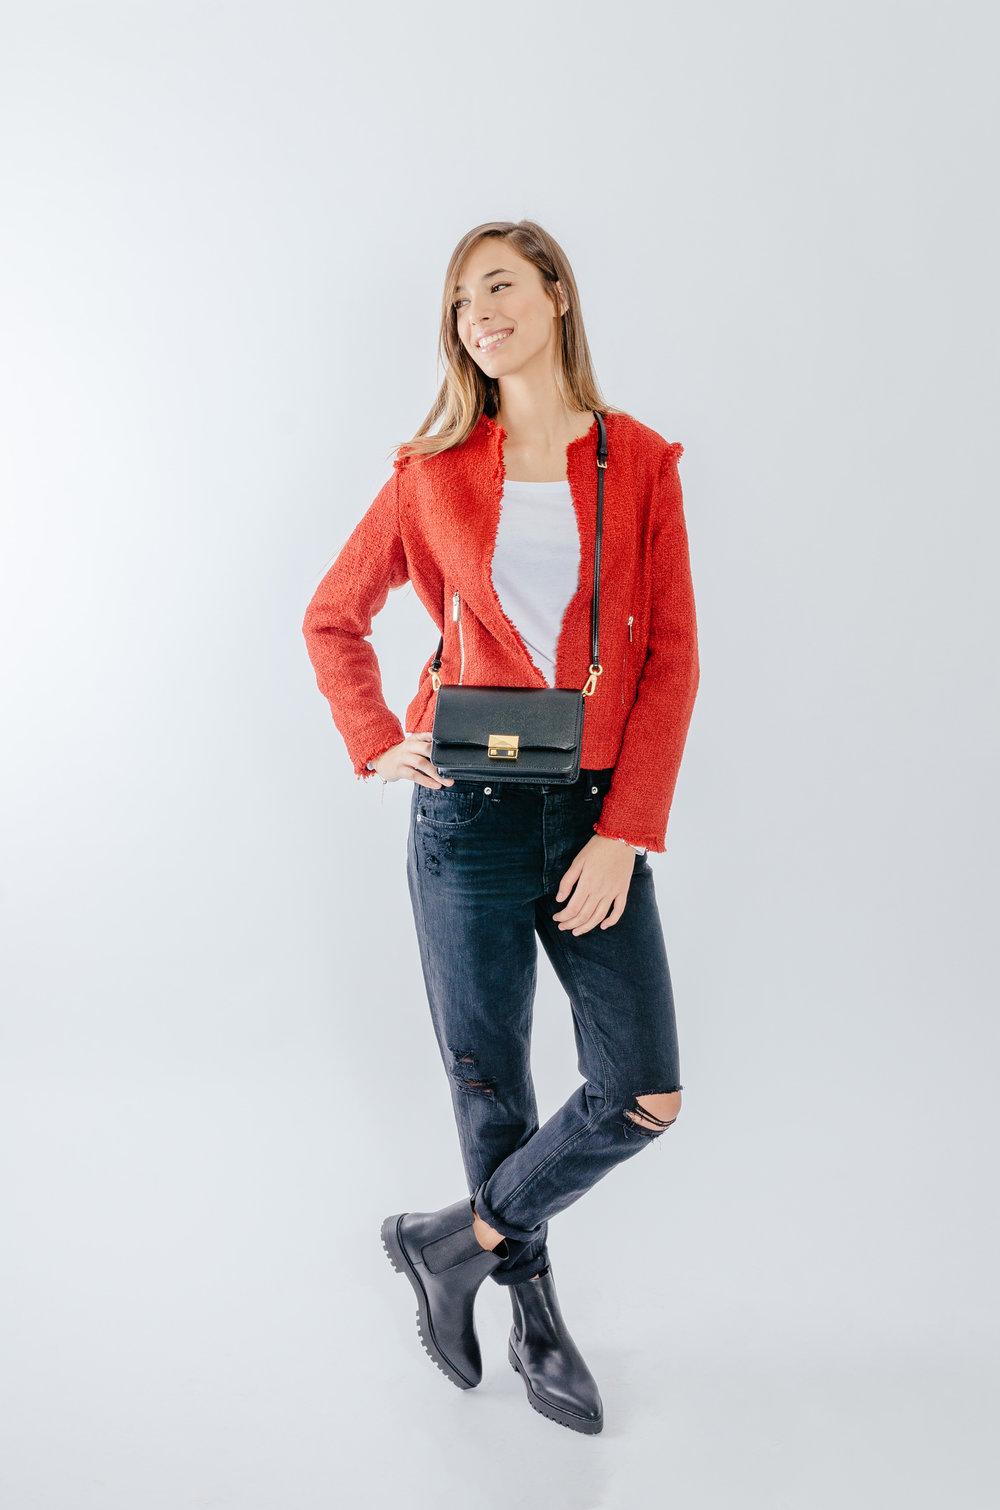 ג'קט- MANGO  חולצת בייסיק- FOX  ג'ינס-  AMERICAN EAGLE OUTFITERS   מגפונים ותיק -  CHARLES & KEITH